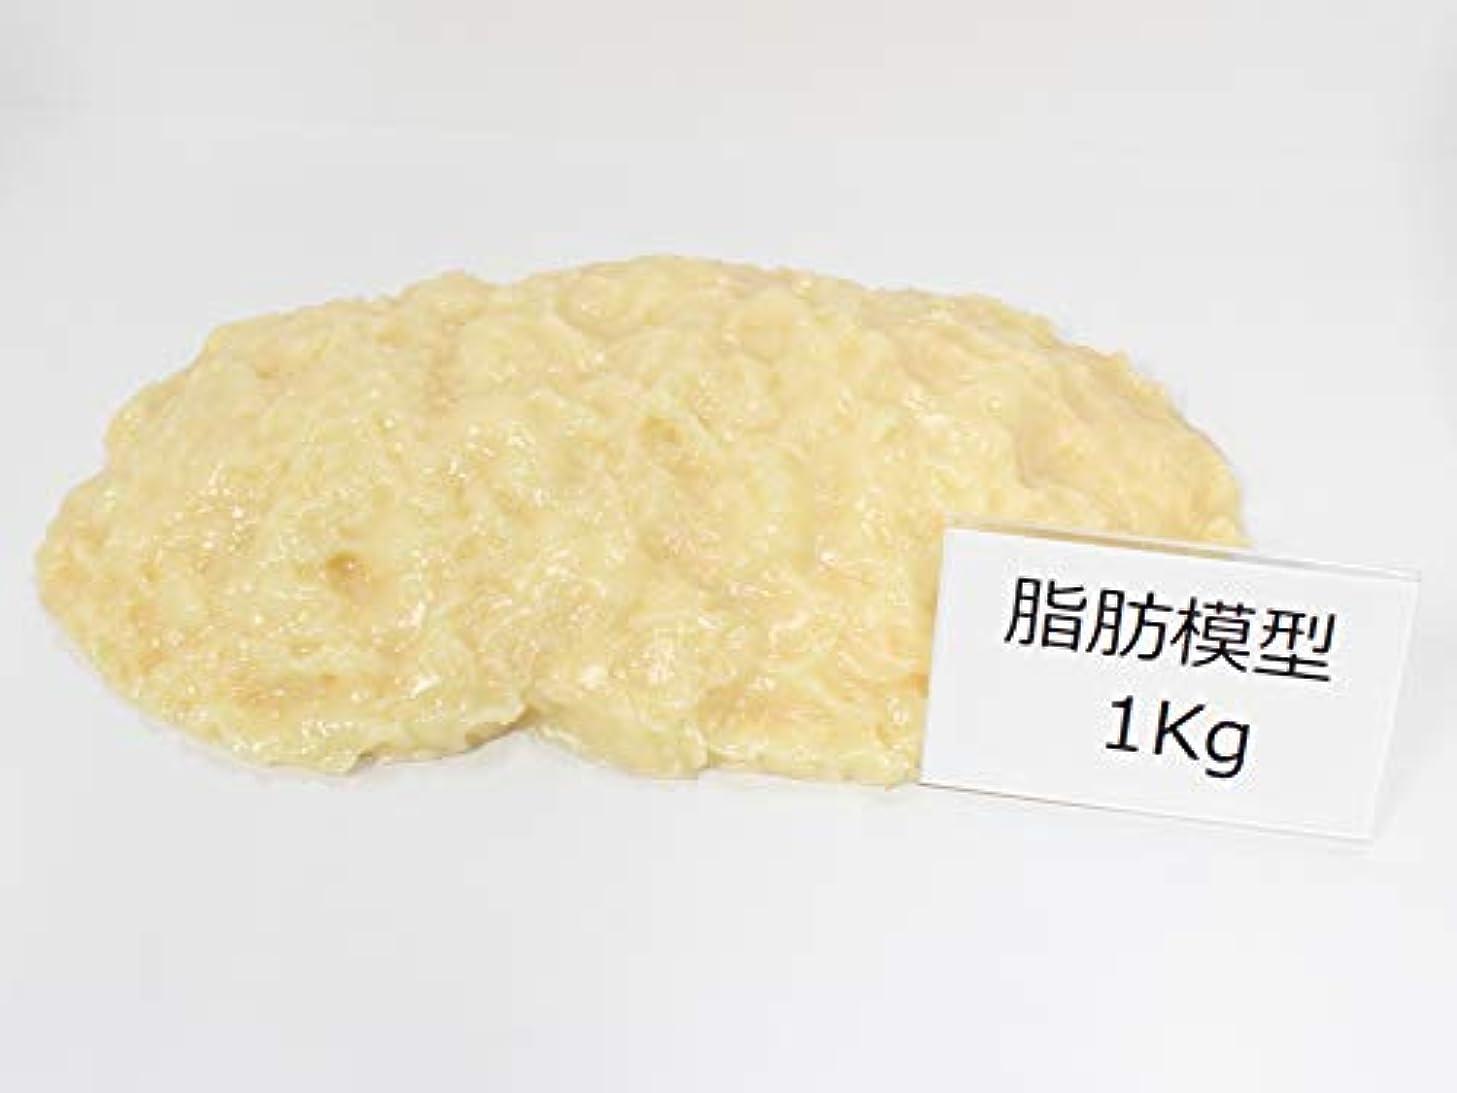 懸念ソファー欲しいです脂肪サンプル 脂肪模型 食品サンプル 実物重量 ダイエット トレーニング フードモデル (1kg)